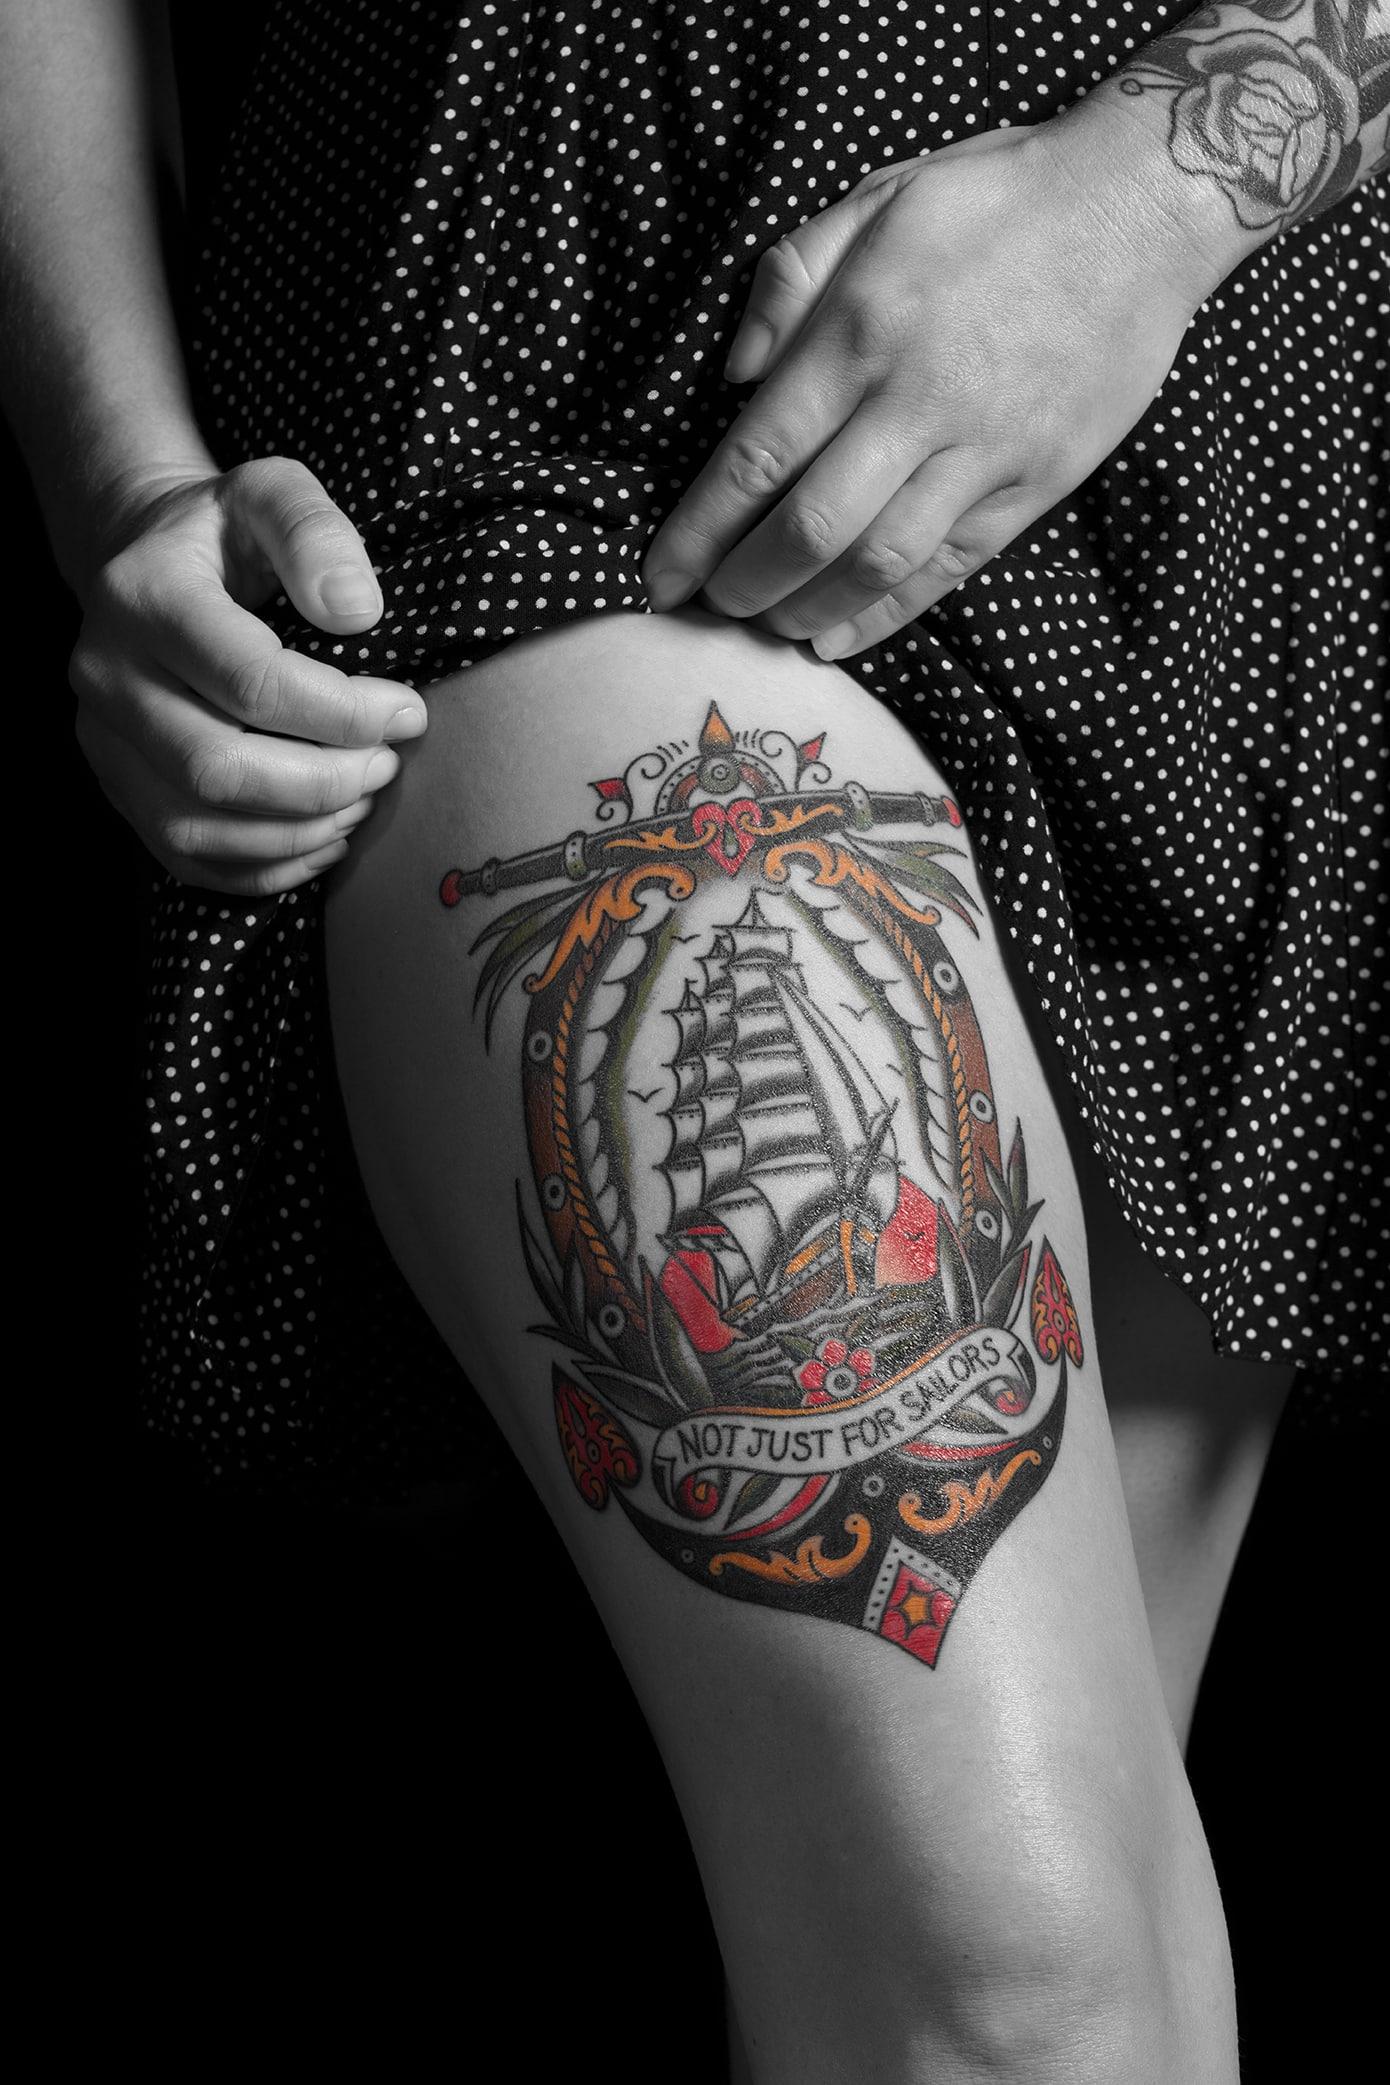 Tattoo: British Tattoo Art Revealed